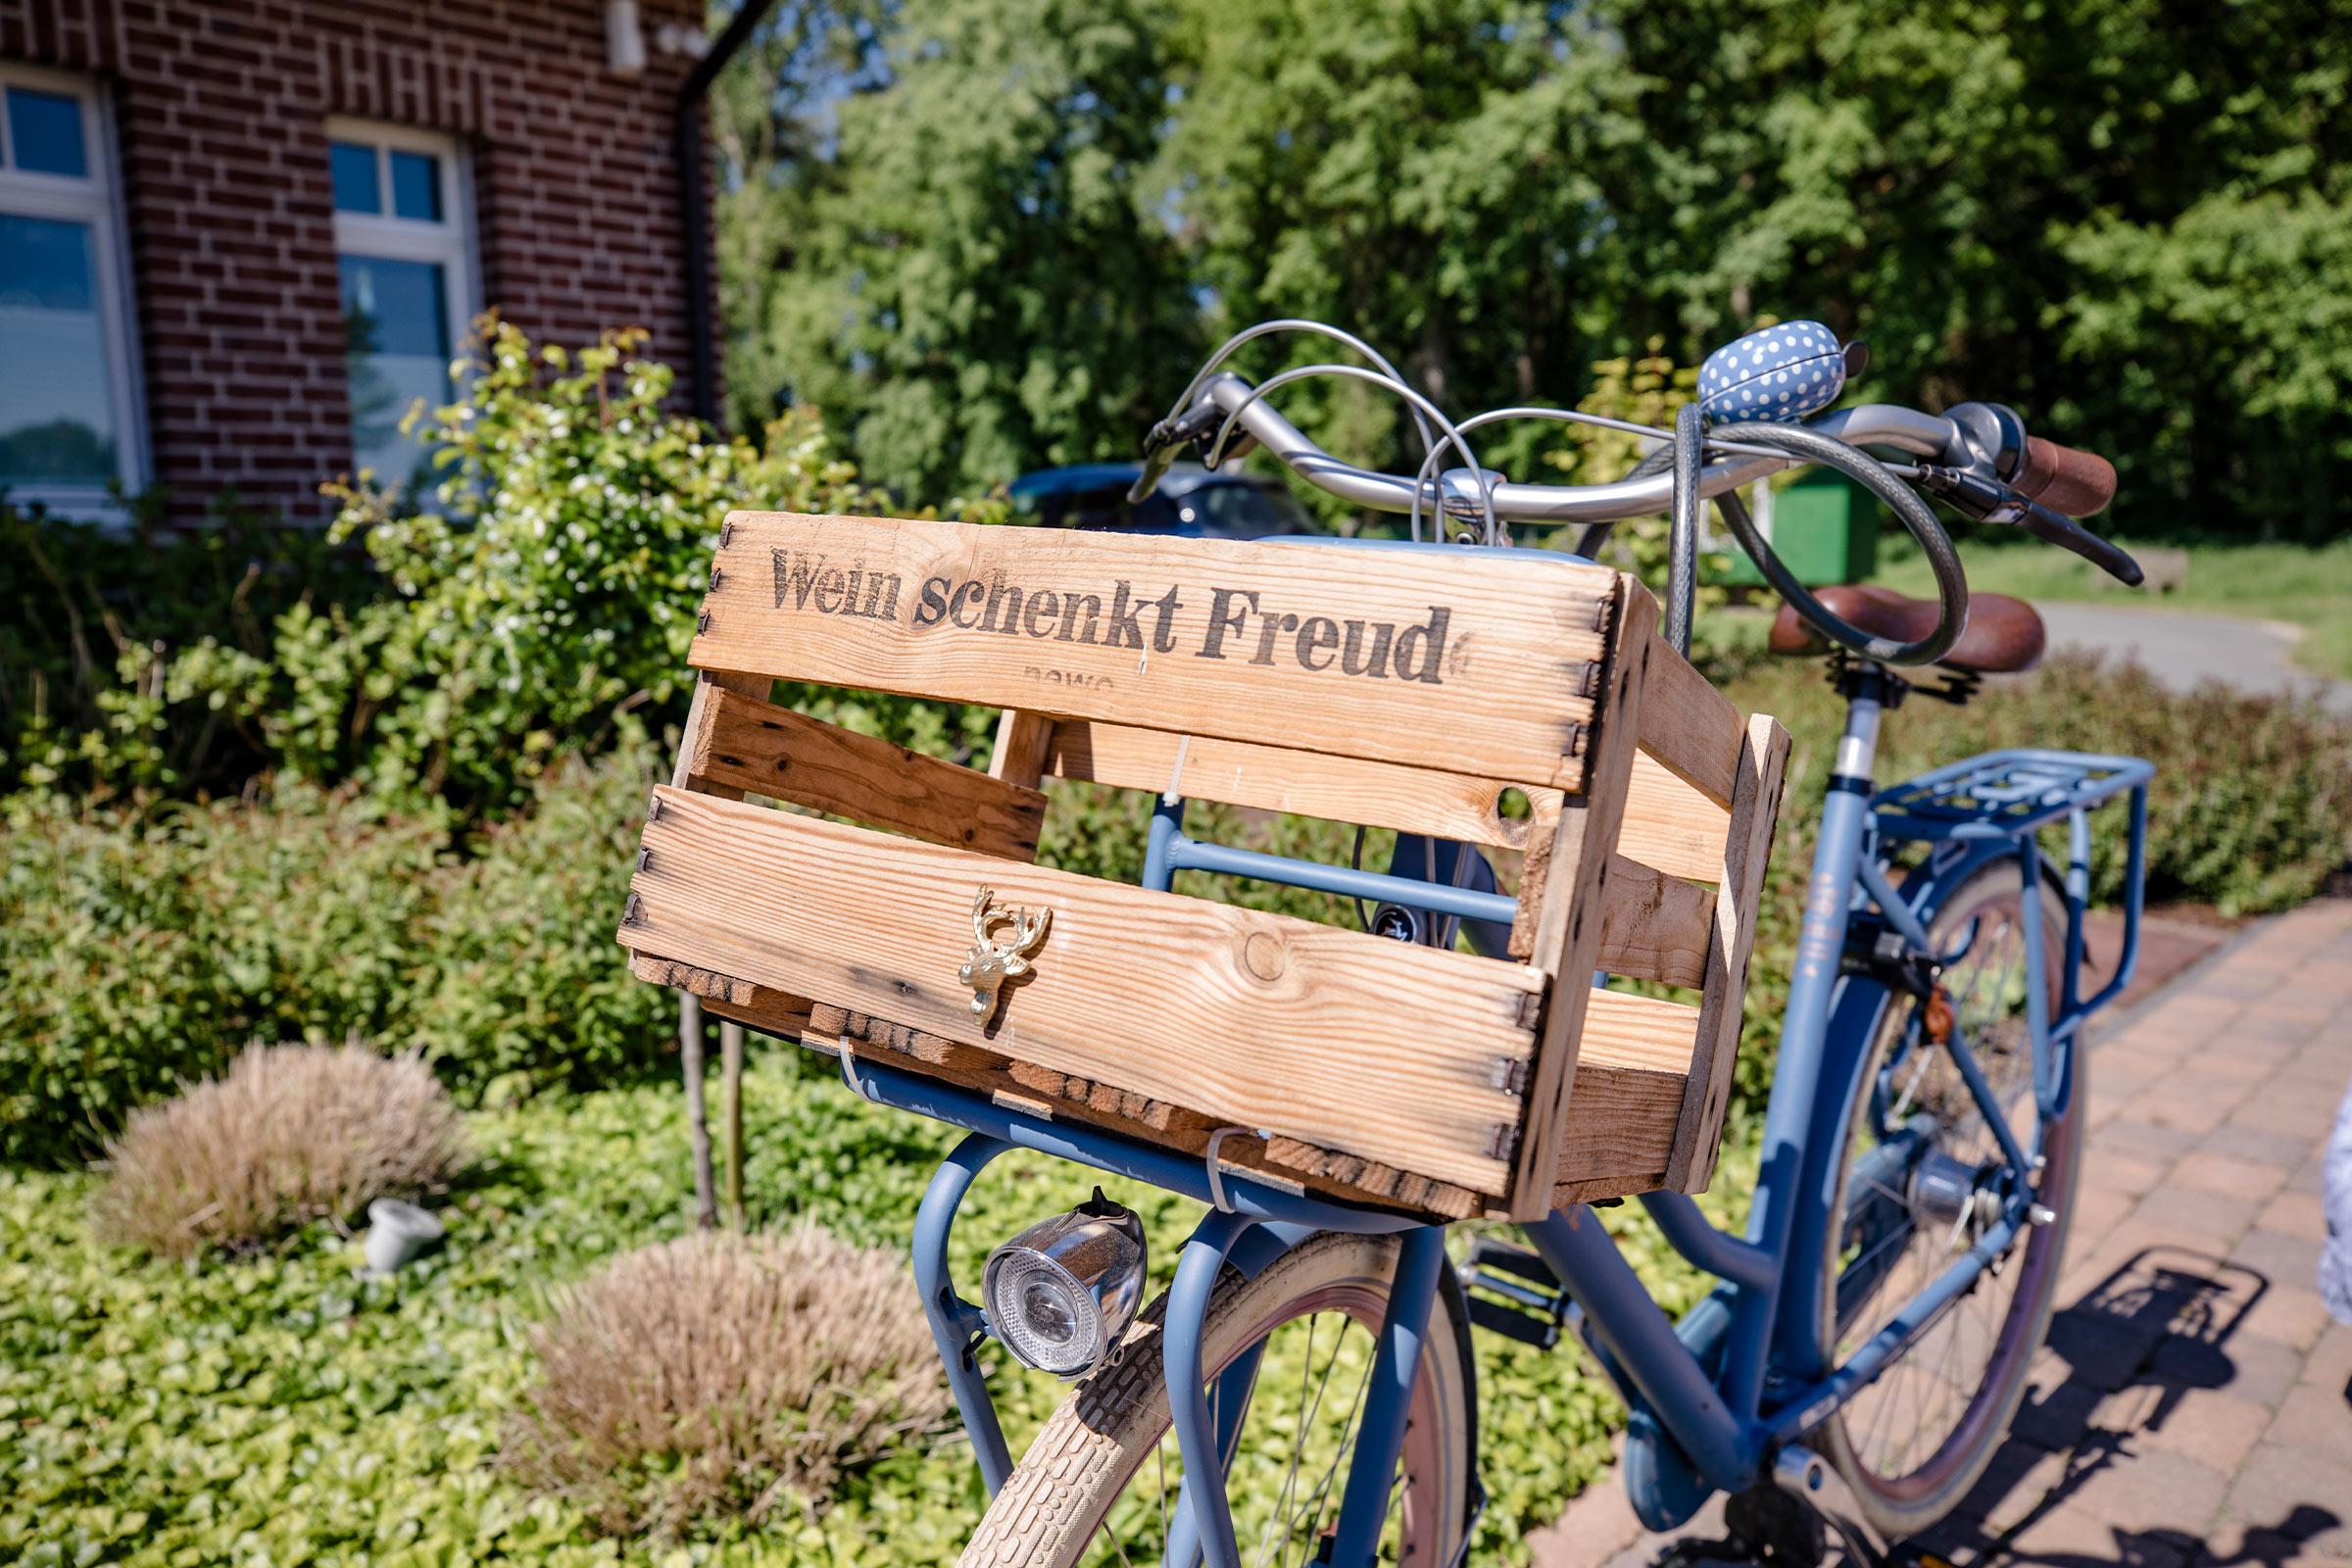 Link zur Bilddatei: Schulze-Tertilt_Referenzen_fahrad_beet_vorgarten